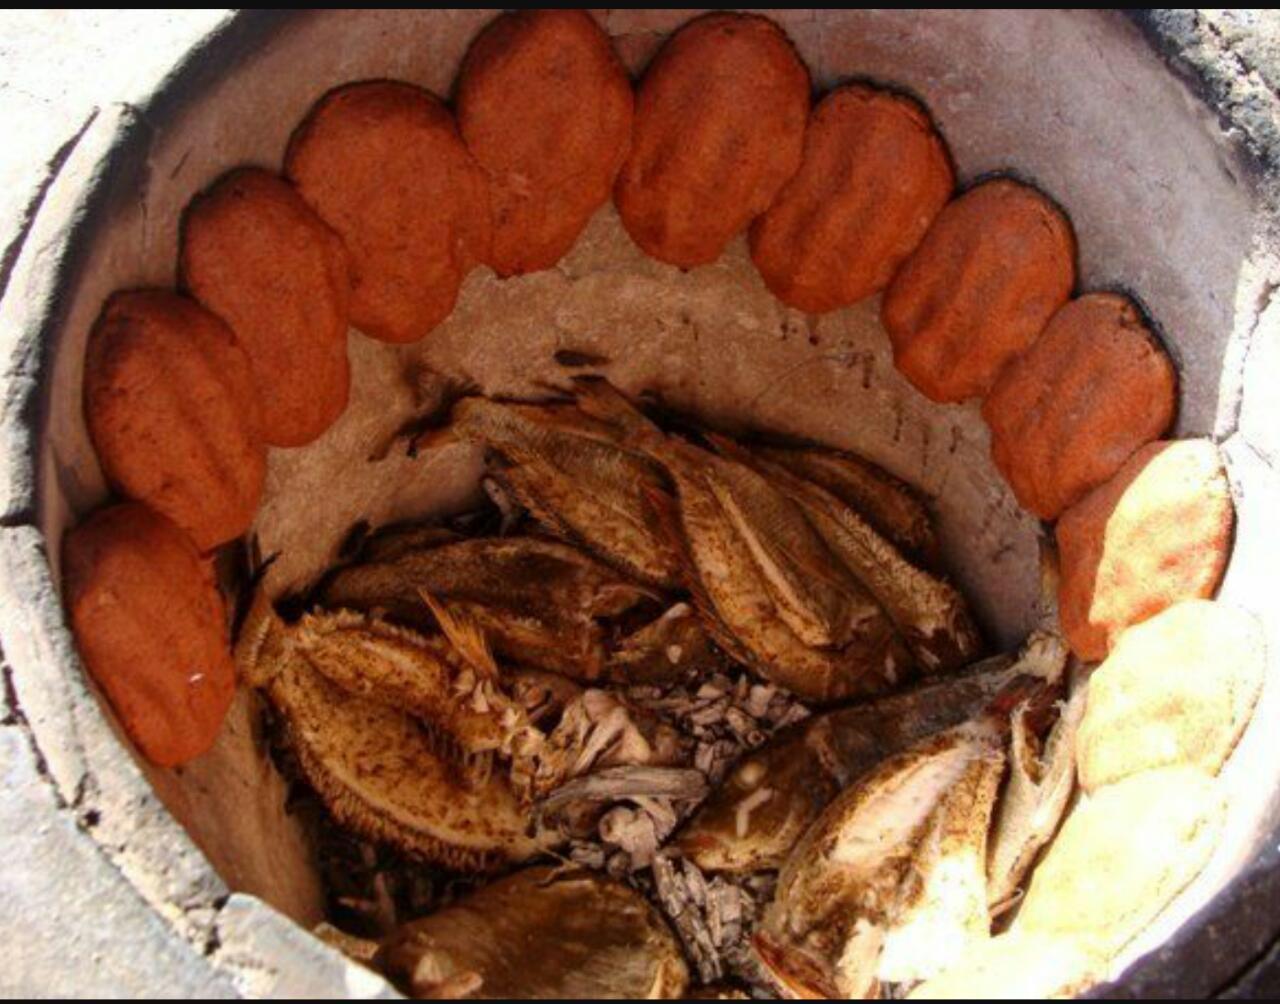 بالصور الأكلات الشعبية في جازان نكهة مميزة تتوارثها الأجيال صحيفة المواطن الإلكترونية